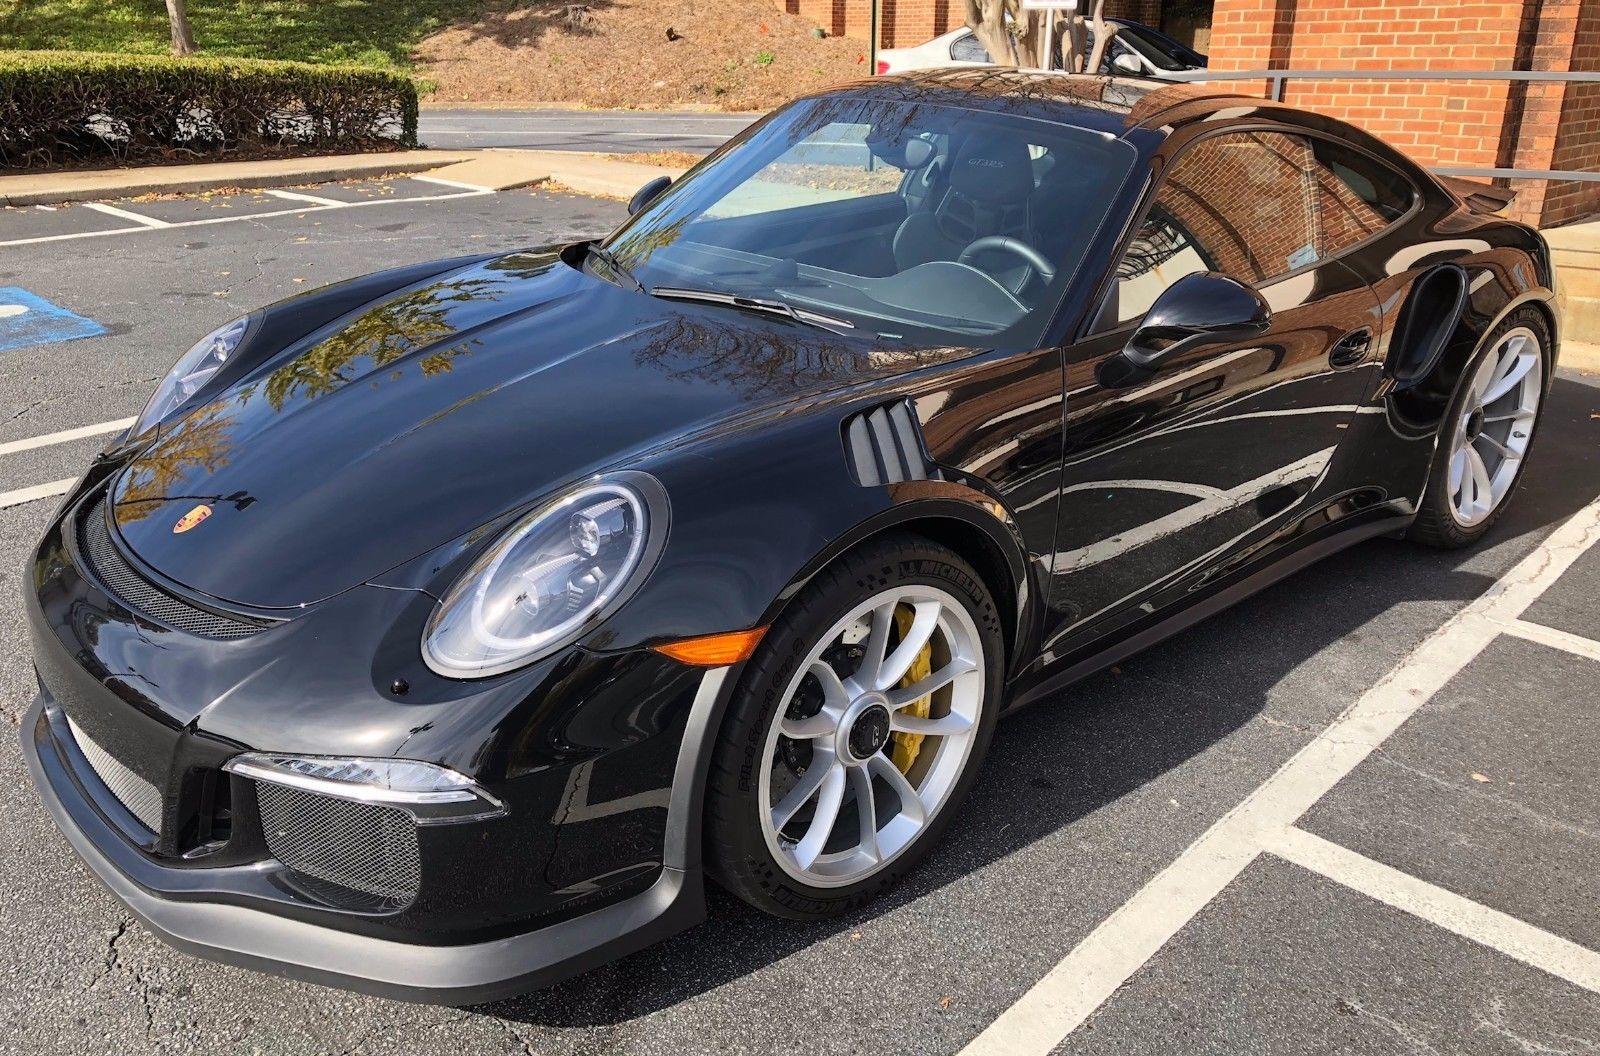 Amazing 2016 Porsche 911 GT3 RS 2016 Porsche GT3 RS \u2013 Paint to Sample Black  \u2013 CPO\u2019d \u2013 Only 855 Miles! 2017/2018